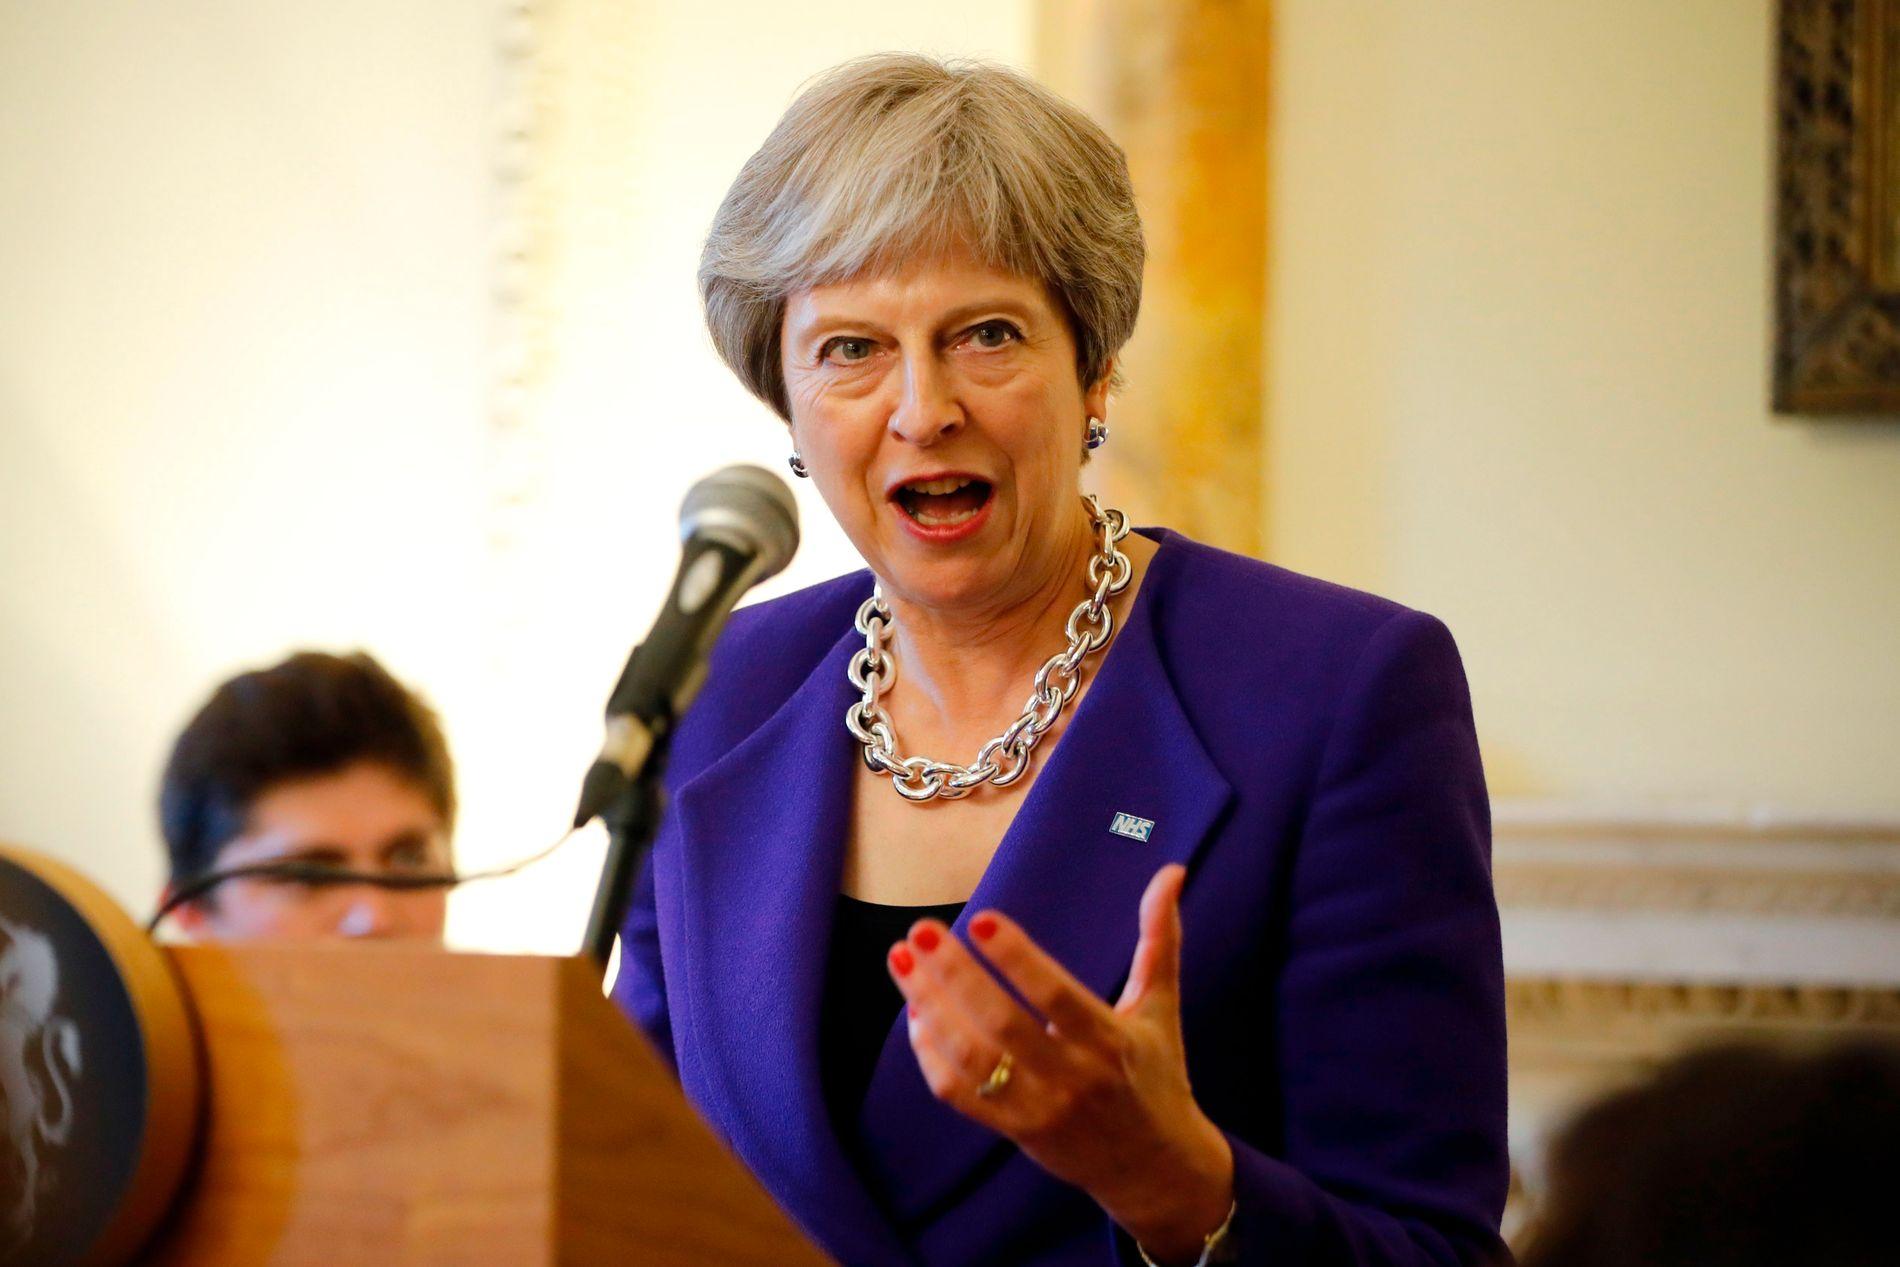 PRESSET: Theresa May la frem sin brexit-plan for parlamentet mandag, men legger frem detaljene i en white paper senere i uken.